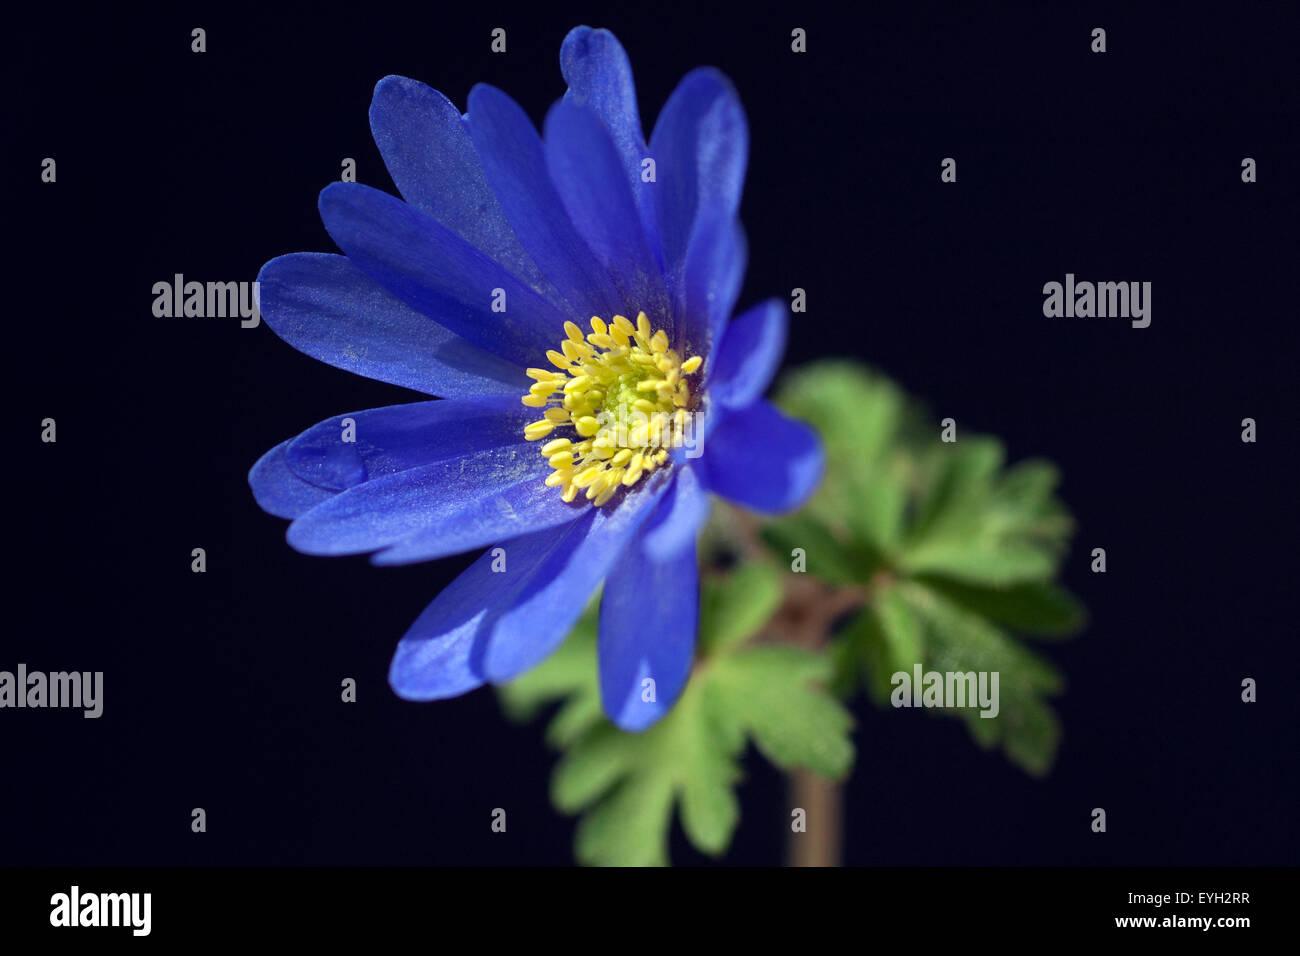 Strahlenanemone; Anemone; Blanda; - Stock Image